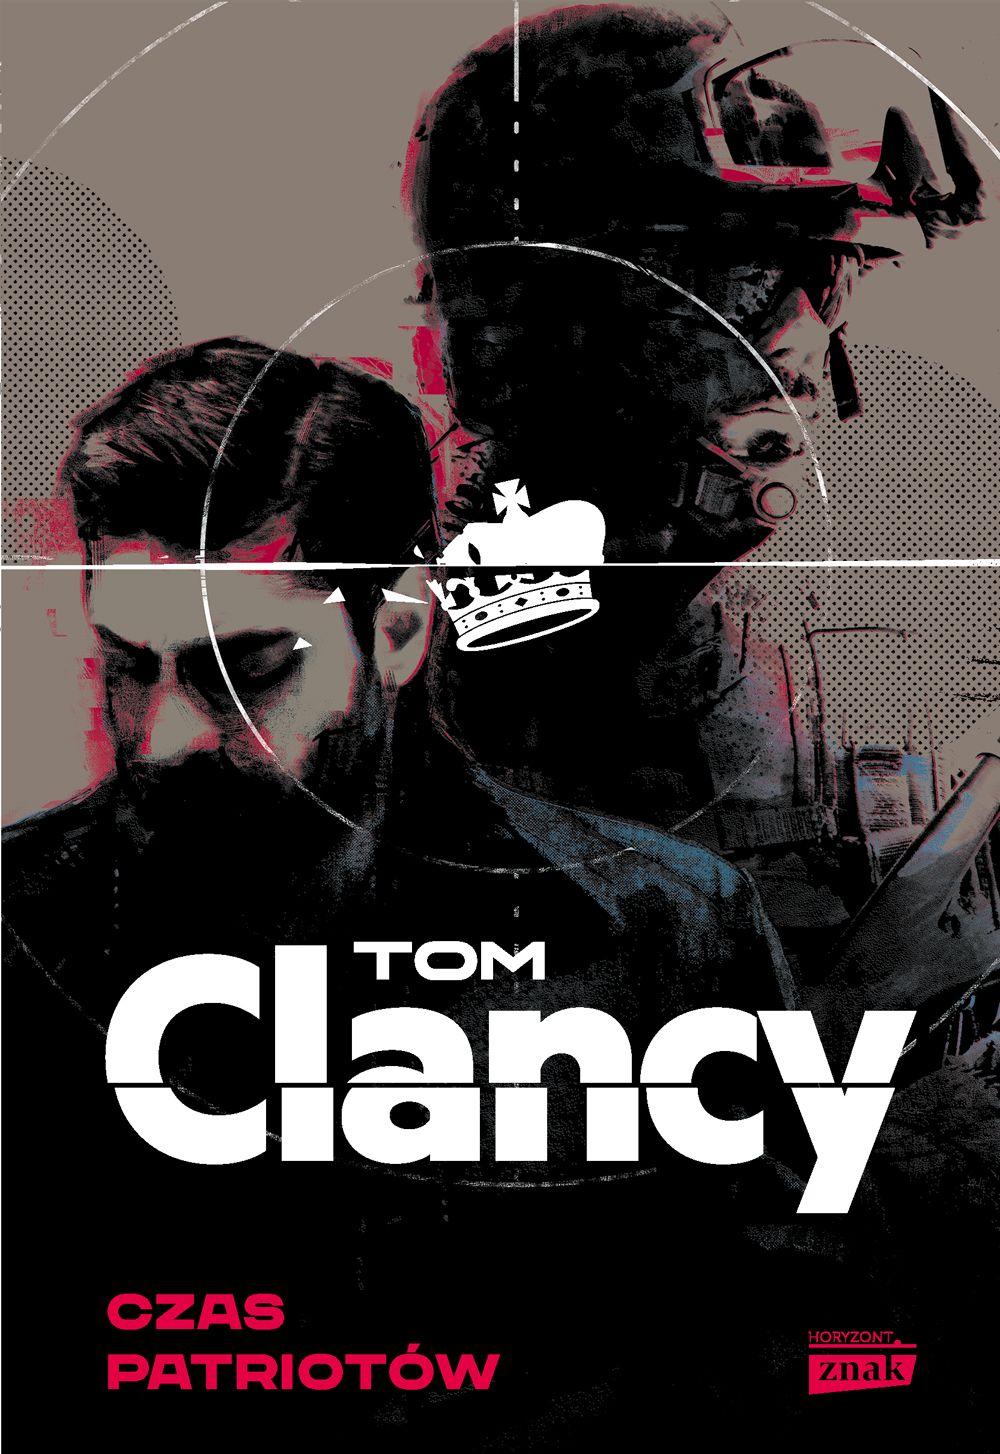 Tom Clancy Czas patriotów